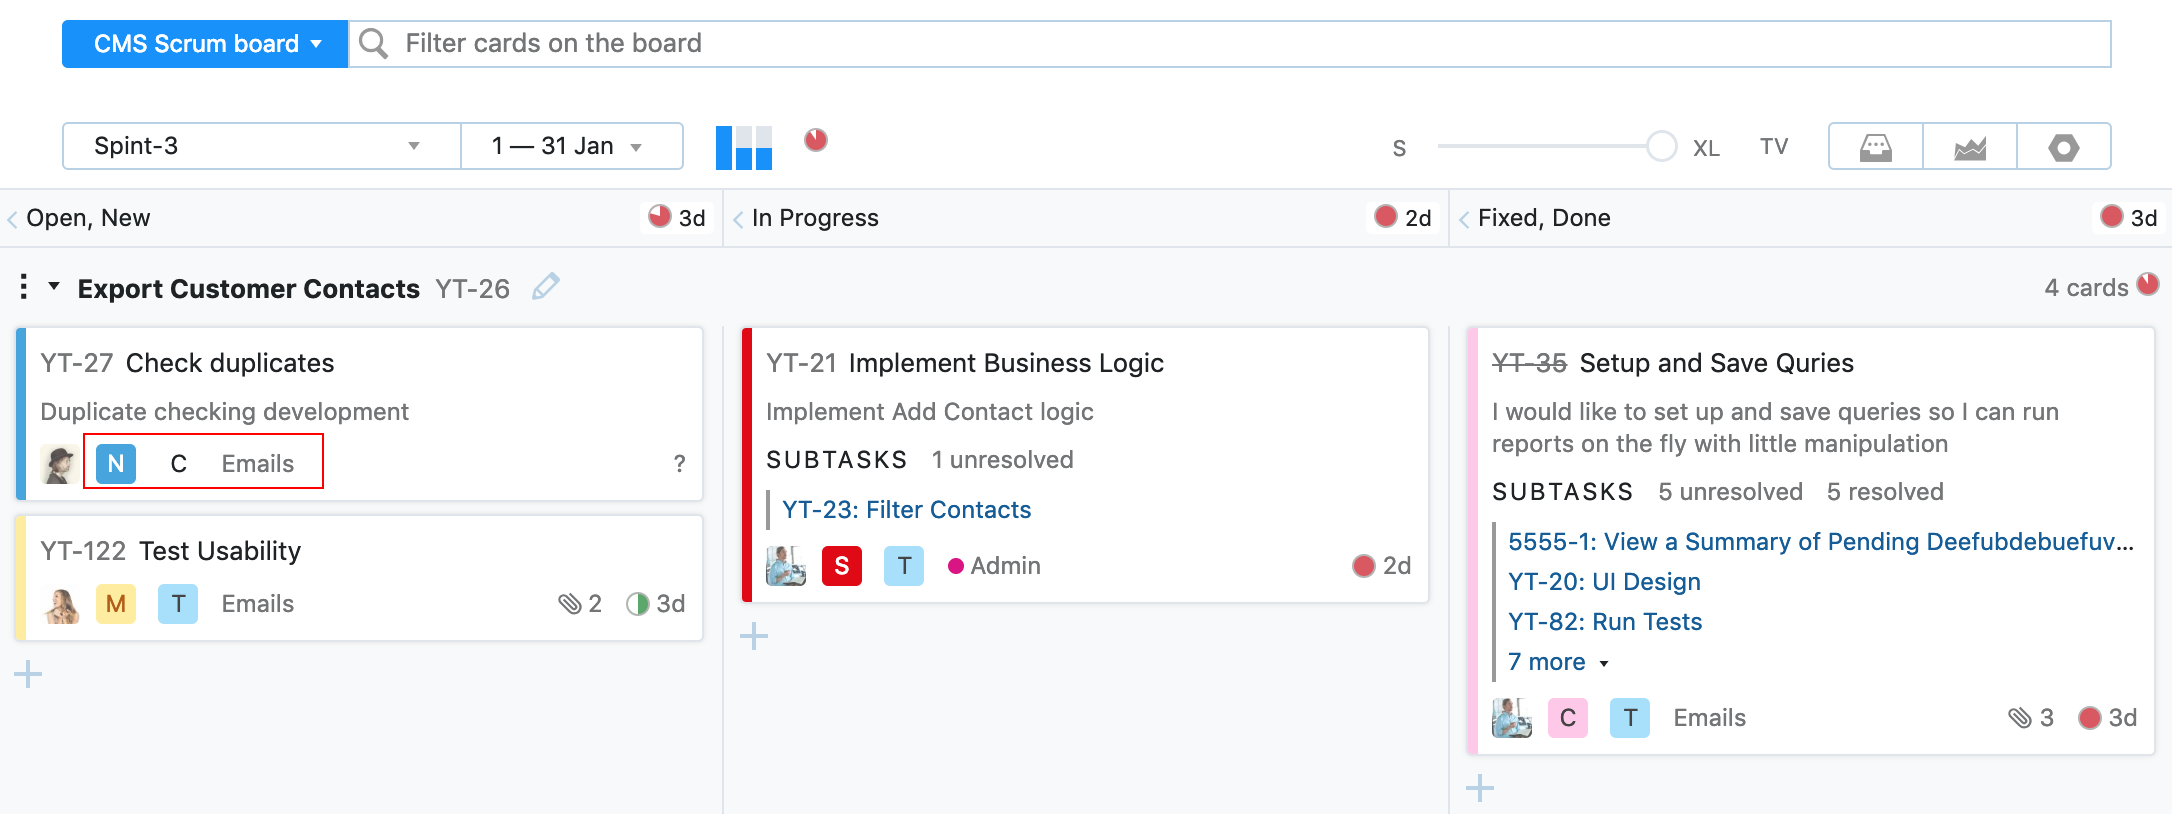 YouTrack 2019.1: избранные Agile-доски, настраиваемые поля для карточек на Agile-досках и многое другое - 5